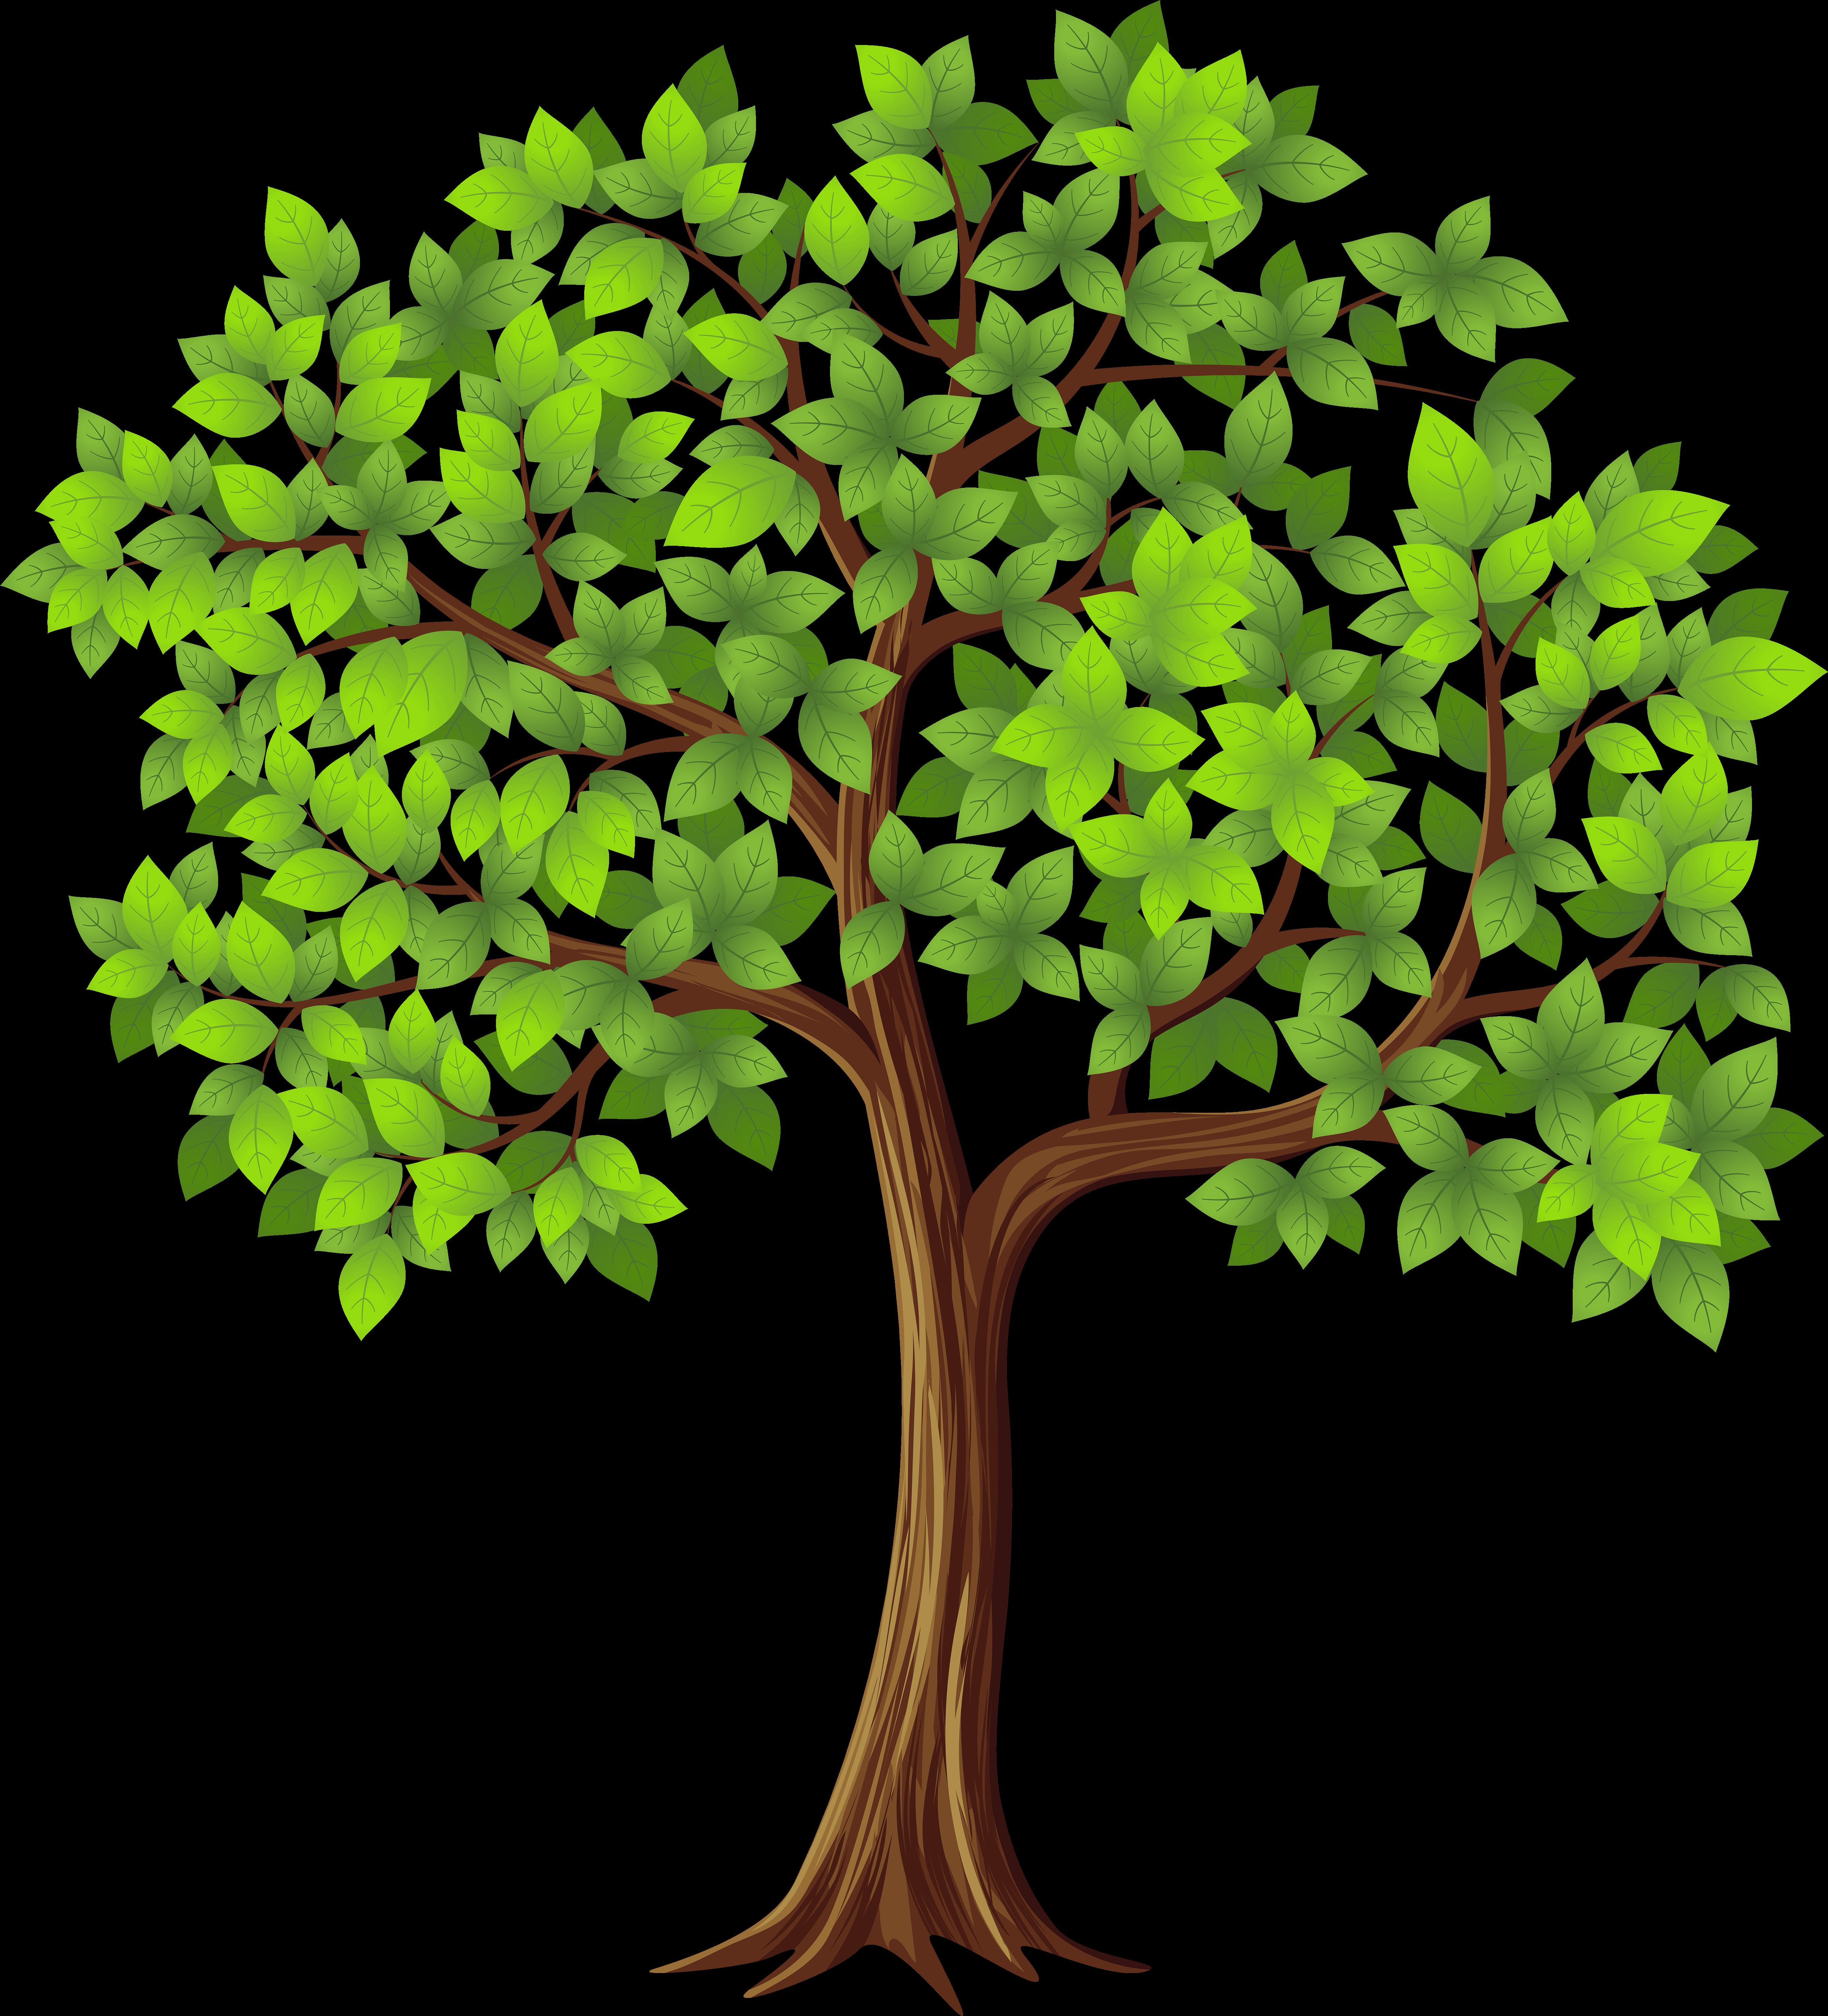 Днем, картинки для детей деревья летом